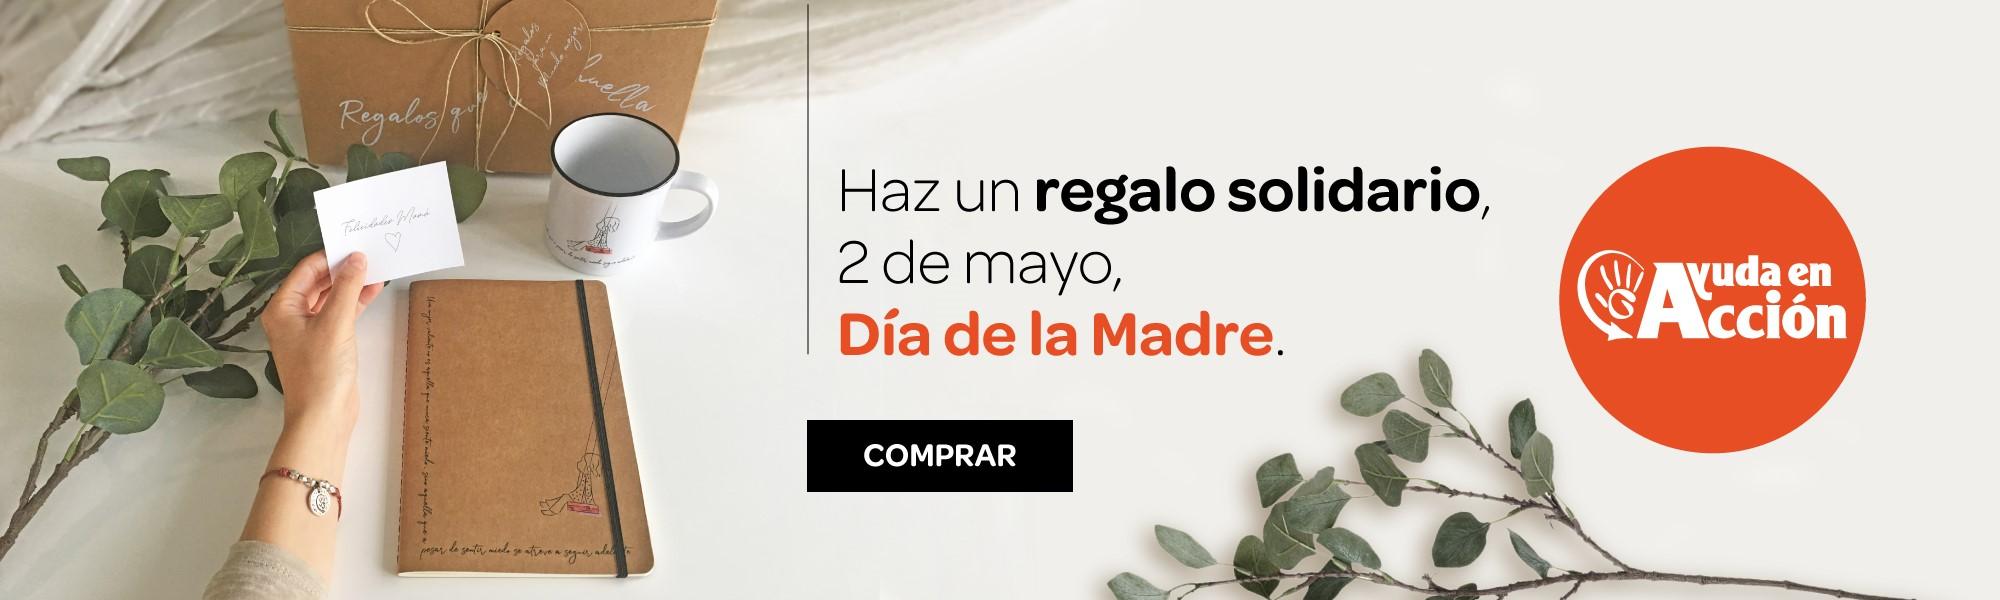 Día de la madre Ayuda en Acción - Tienda Online Correos